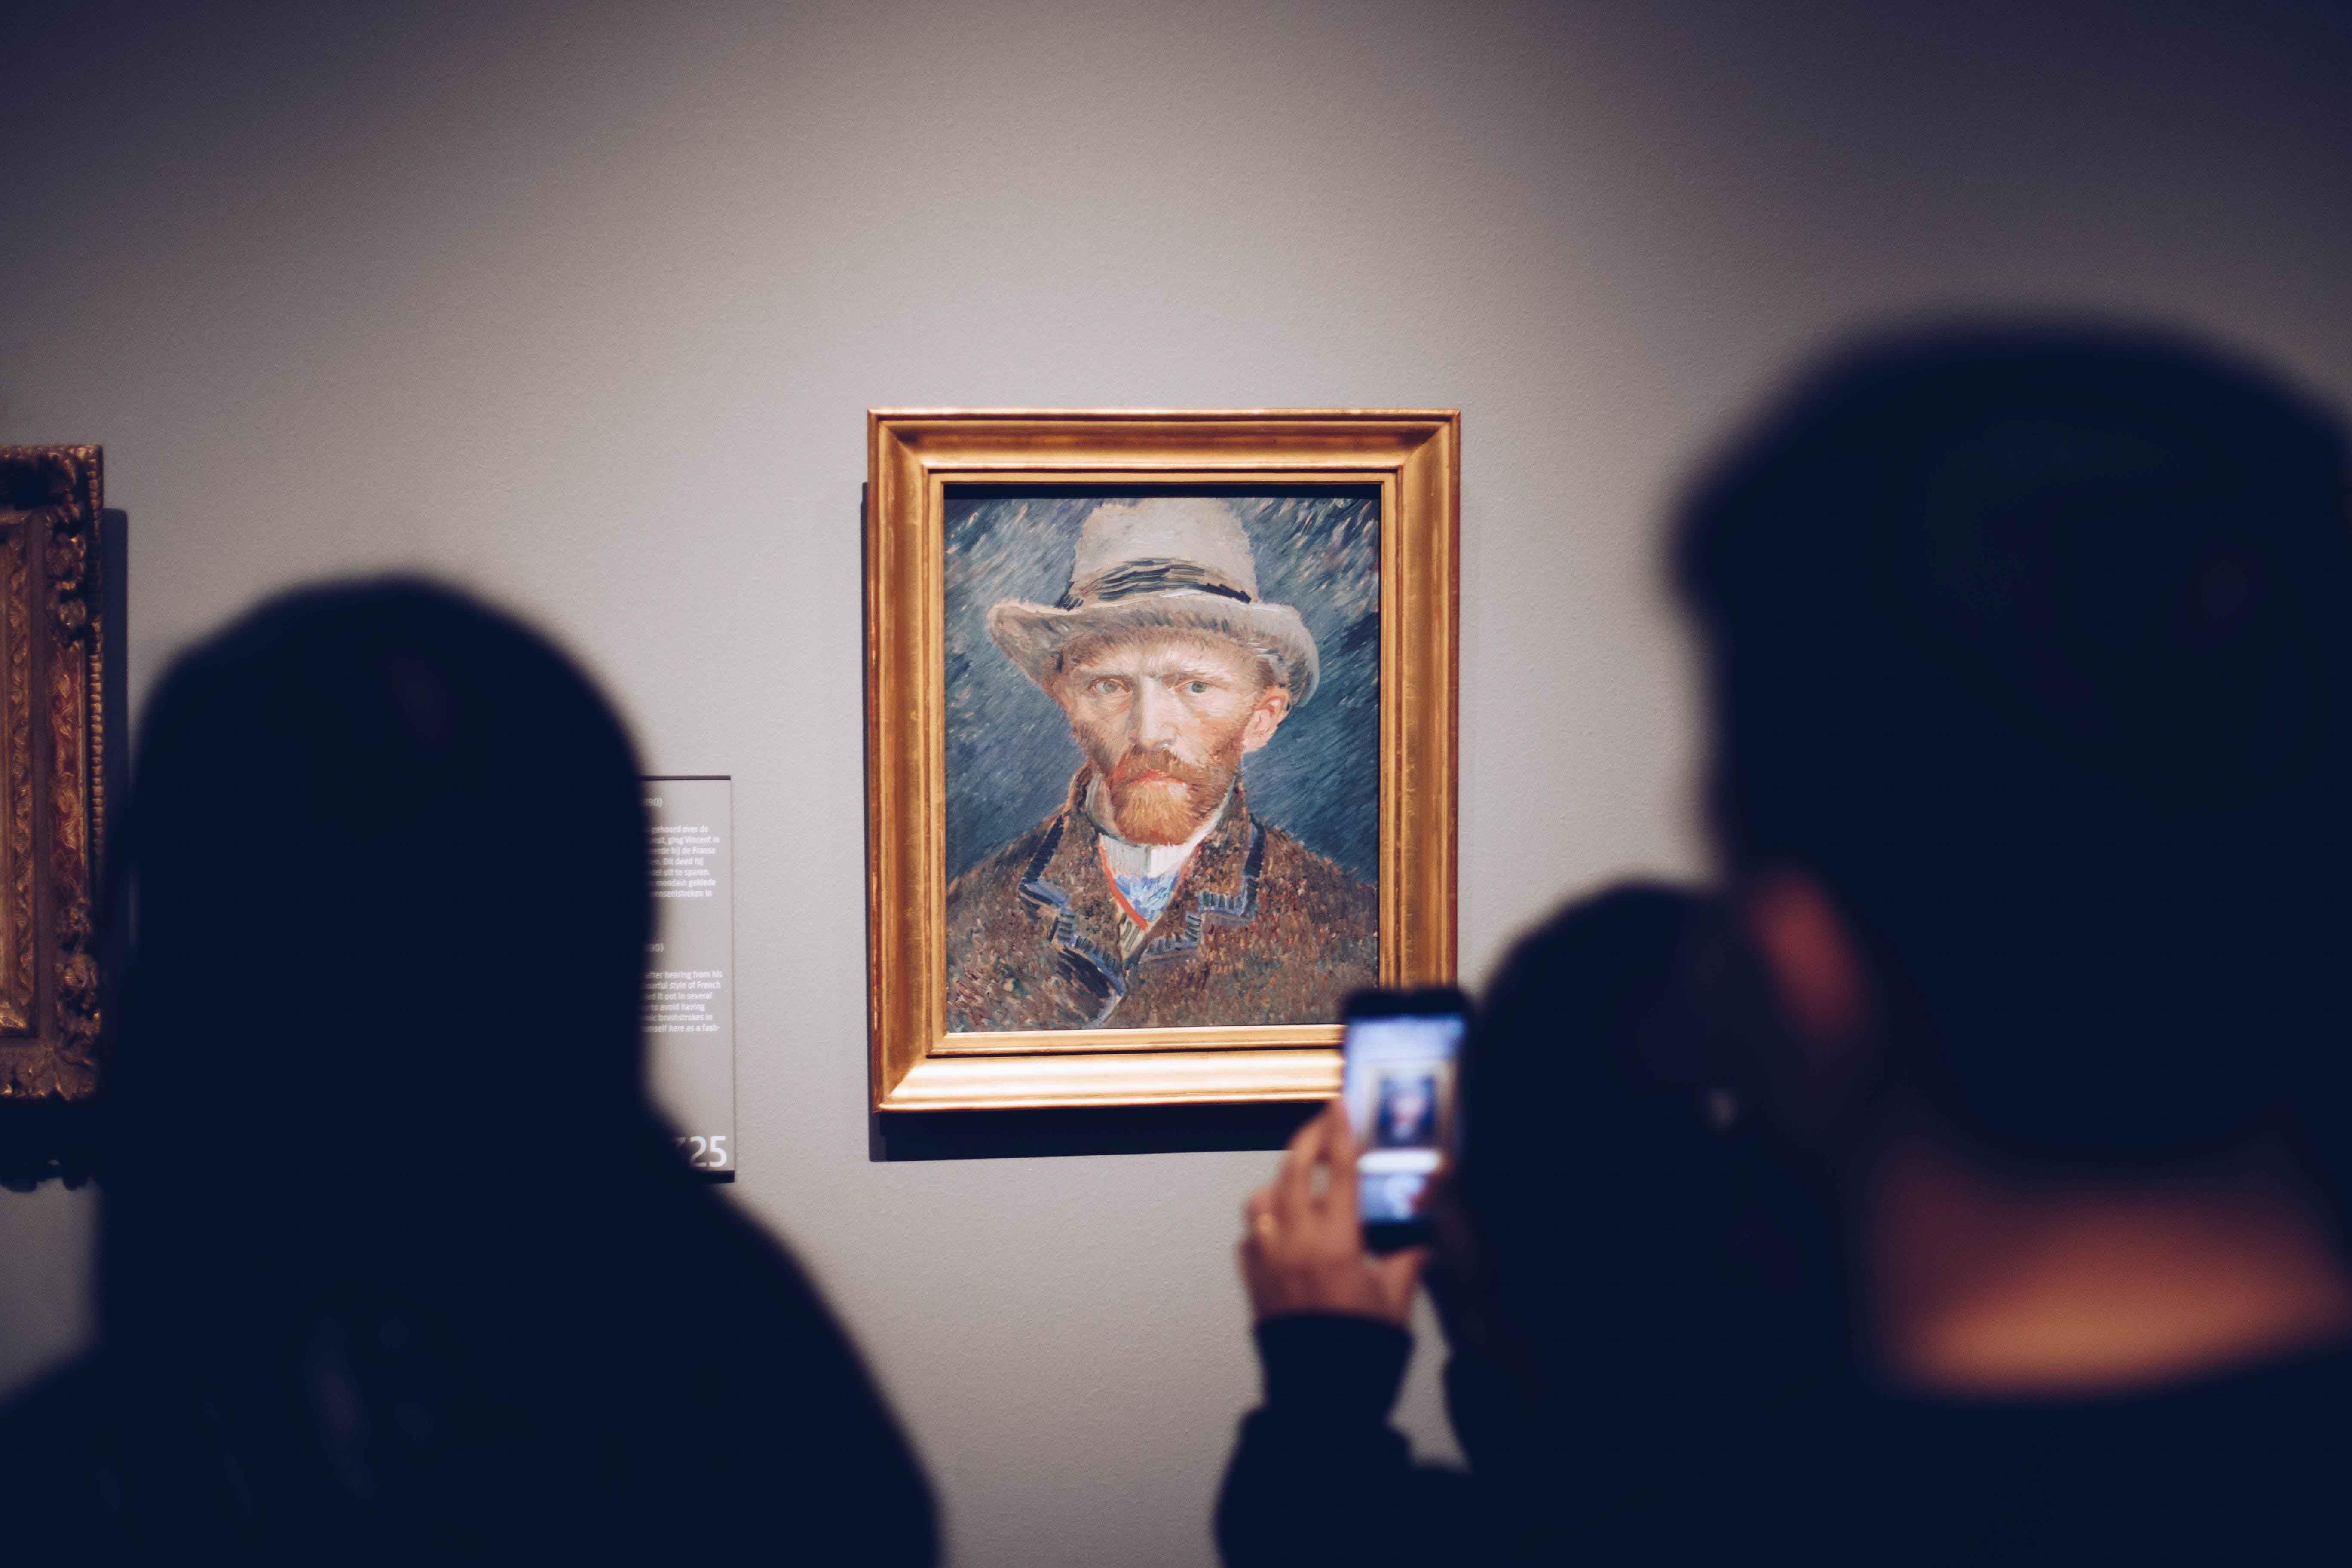 Prix D Un Tableau D Artiste qu'est-ce qui fait la valeur d'une oeuvre d'art ? - blog